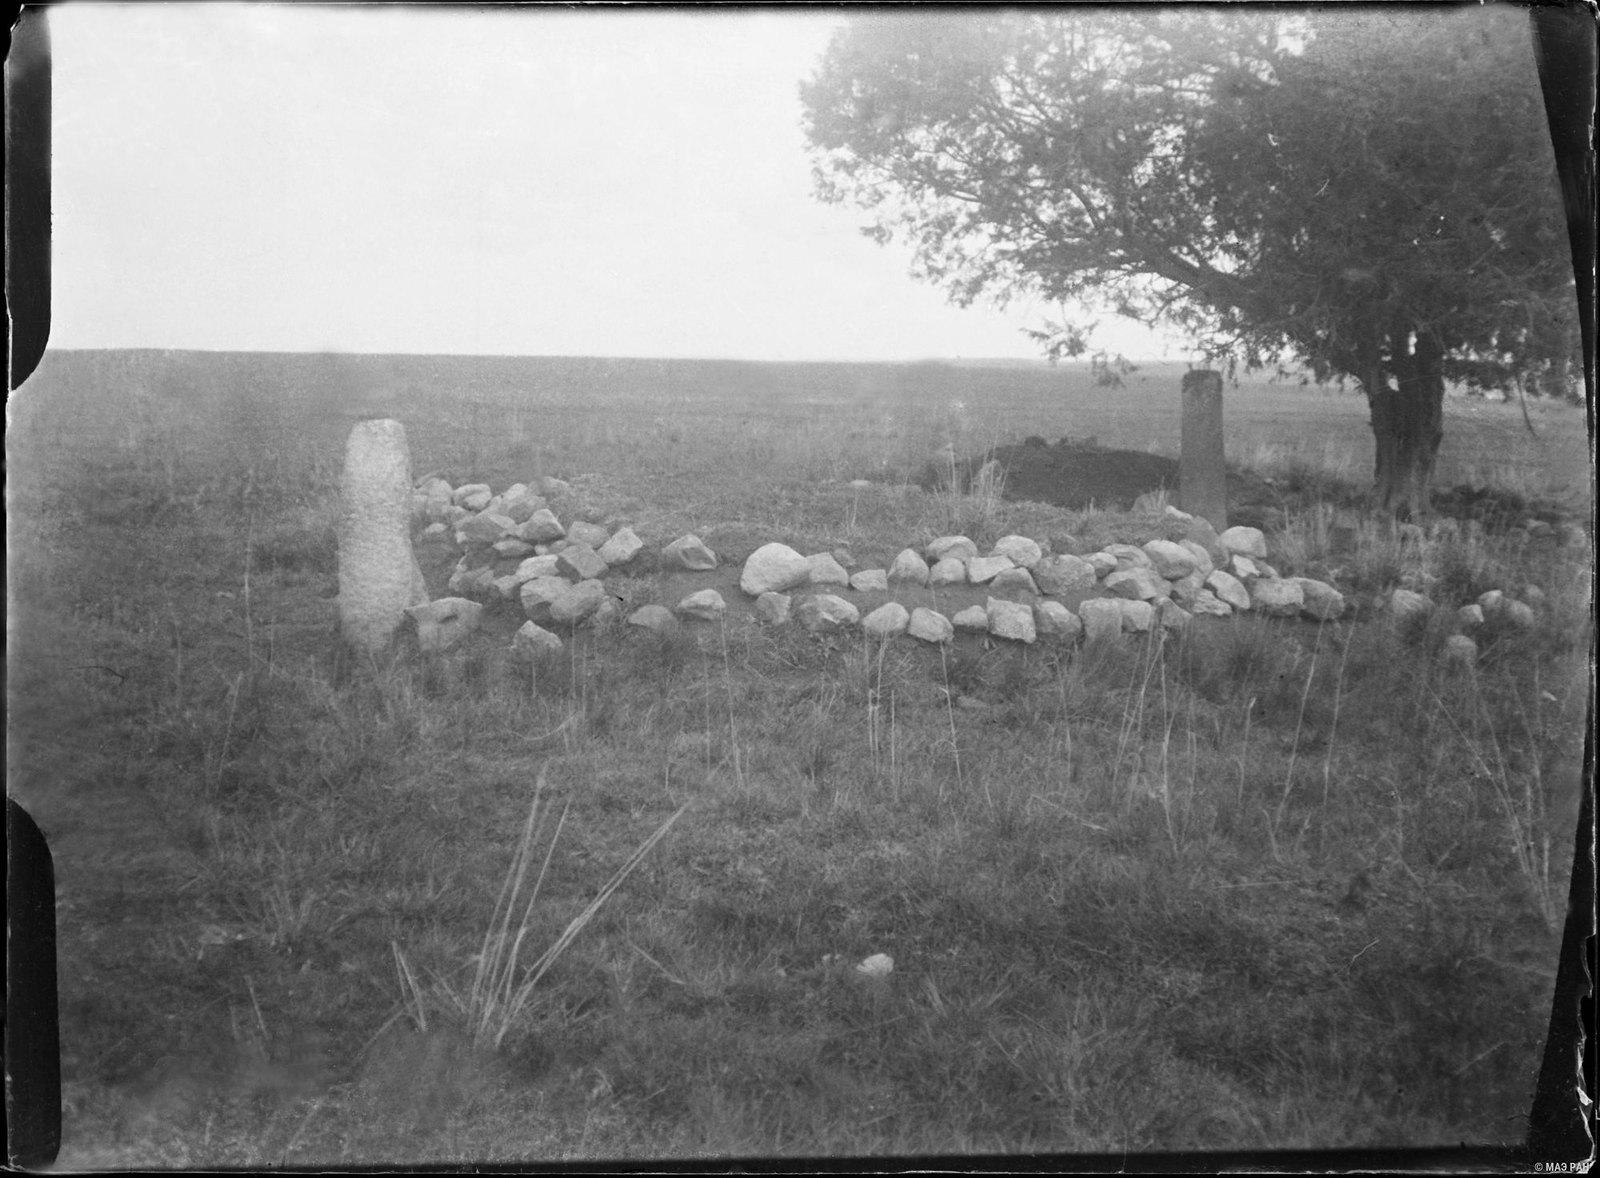 06. Могила с памятником с близкого расстояния